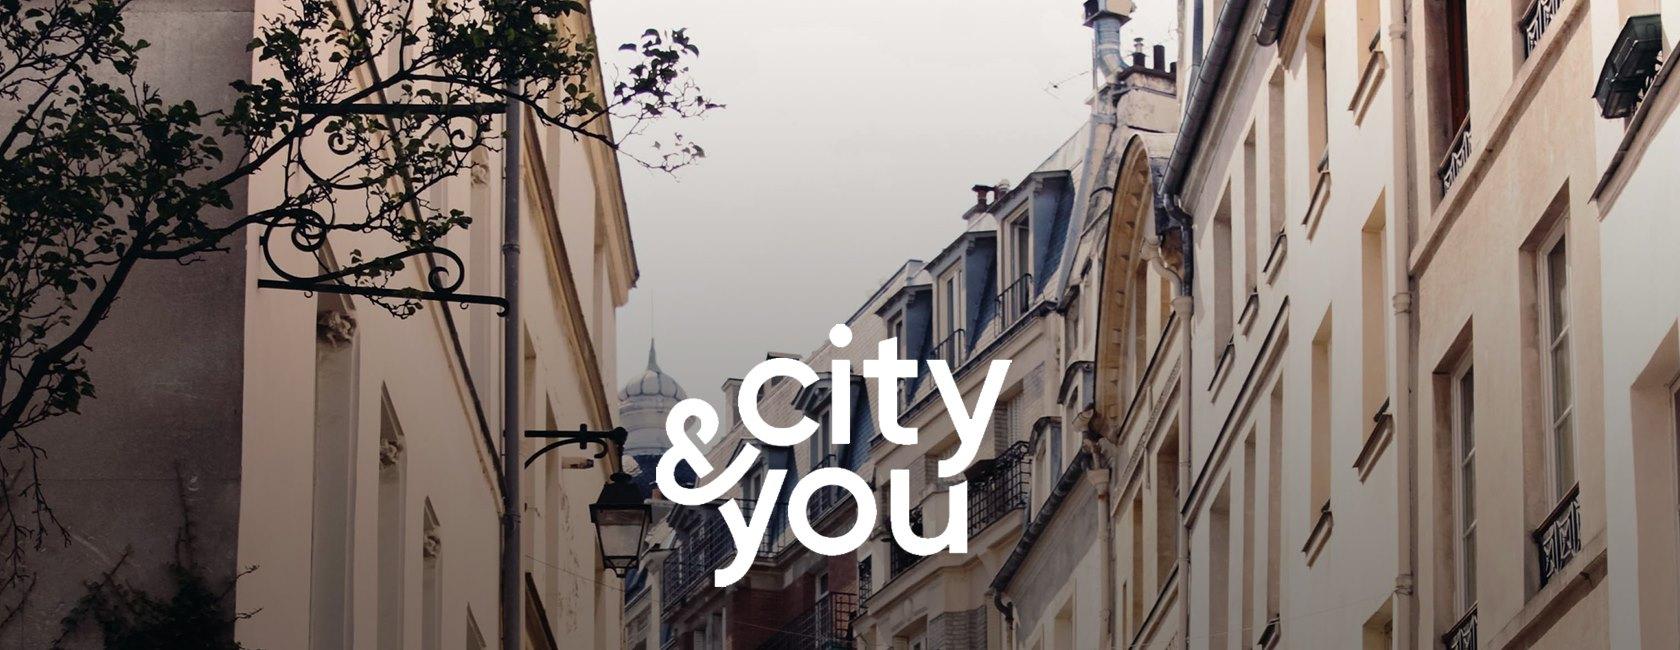 city&you